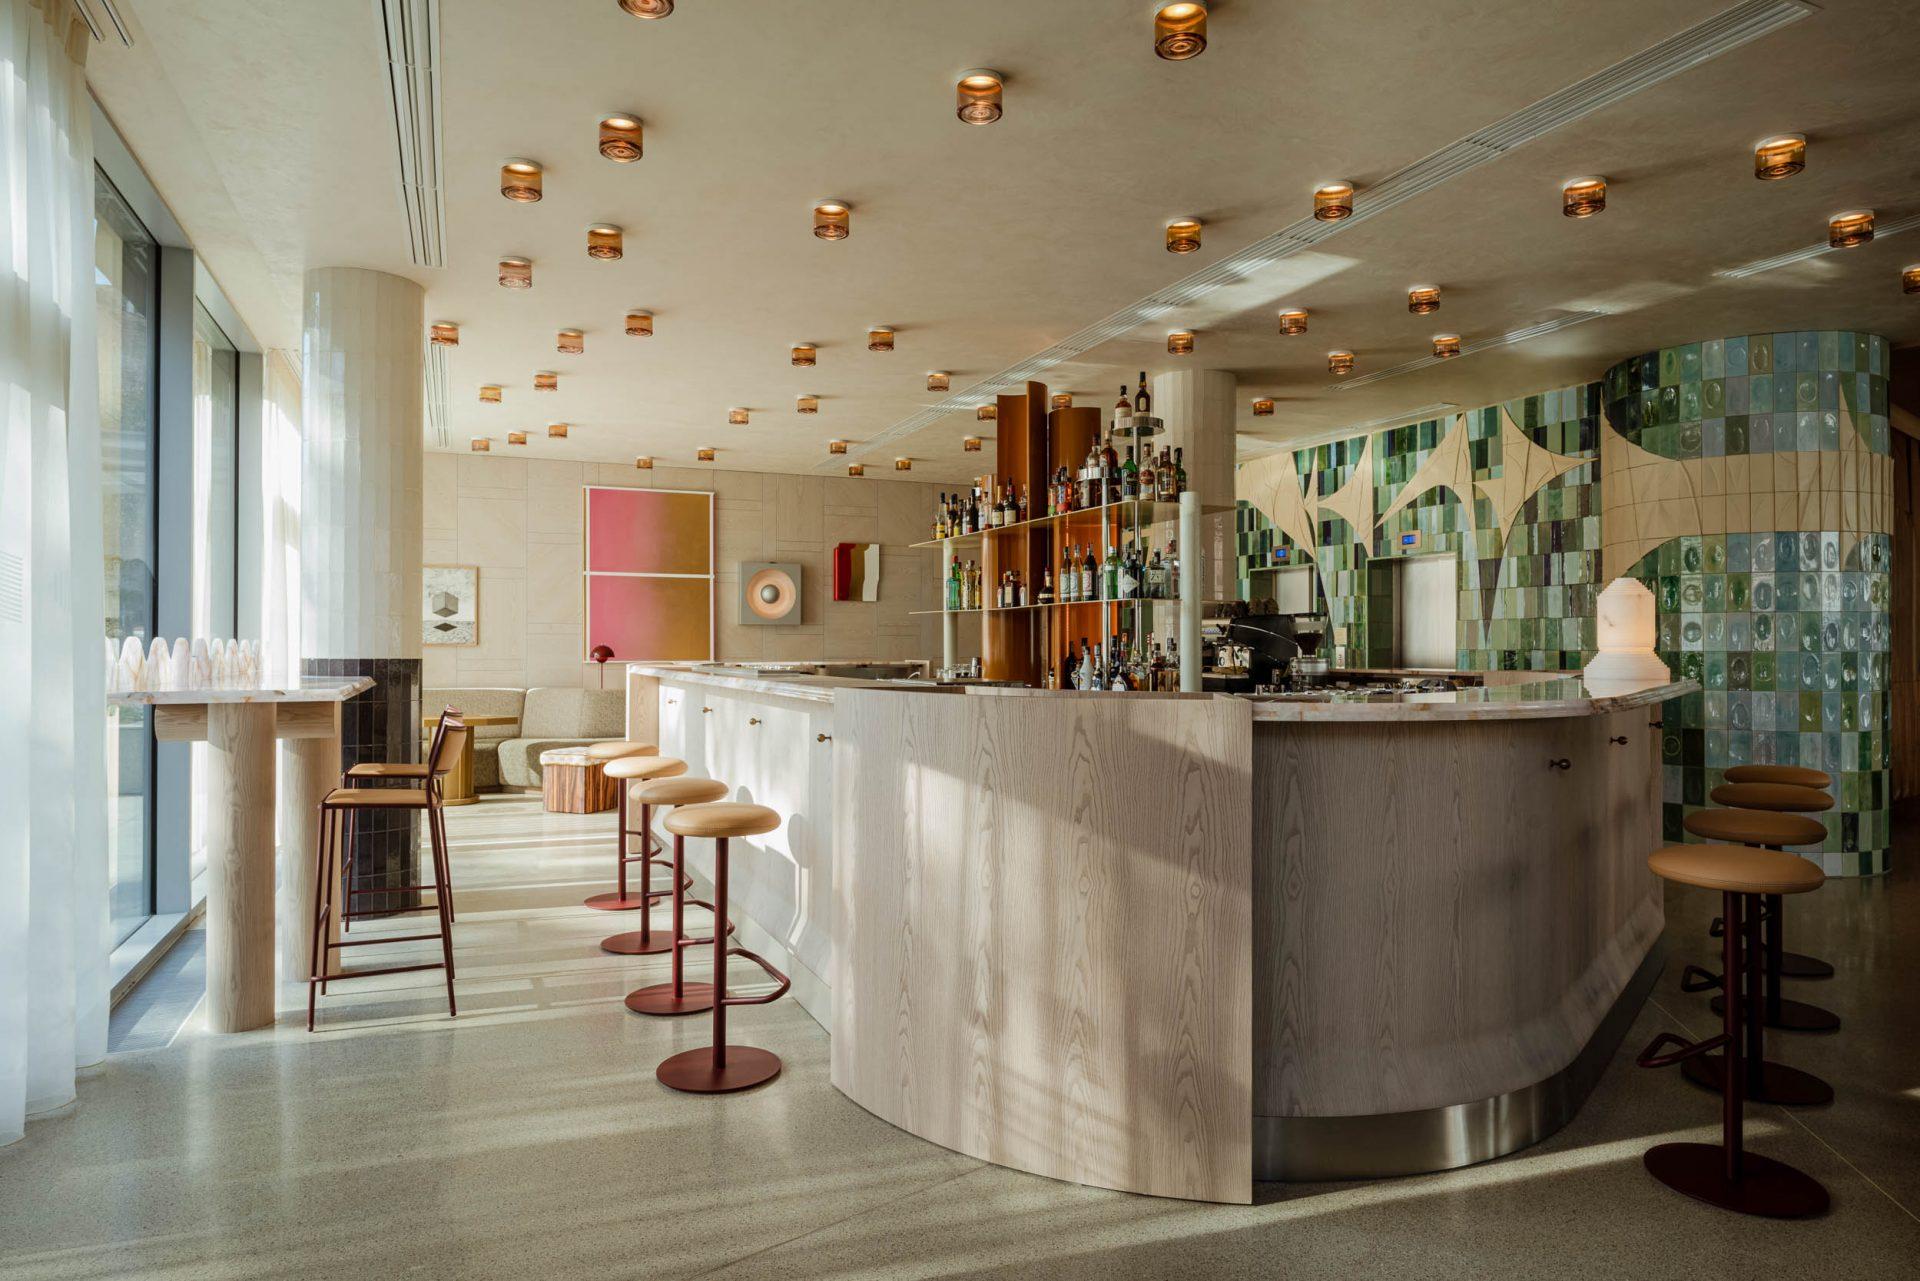 nowy_puro_hotel_krakow_old_town_paradowski_foto_pion_designalive-33